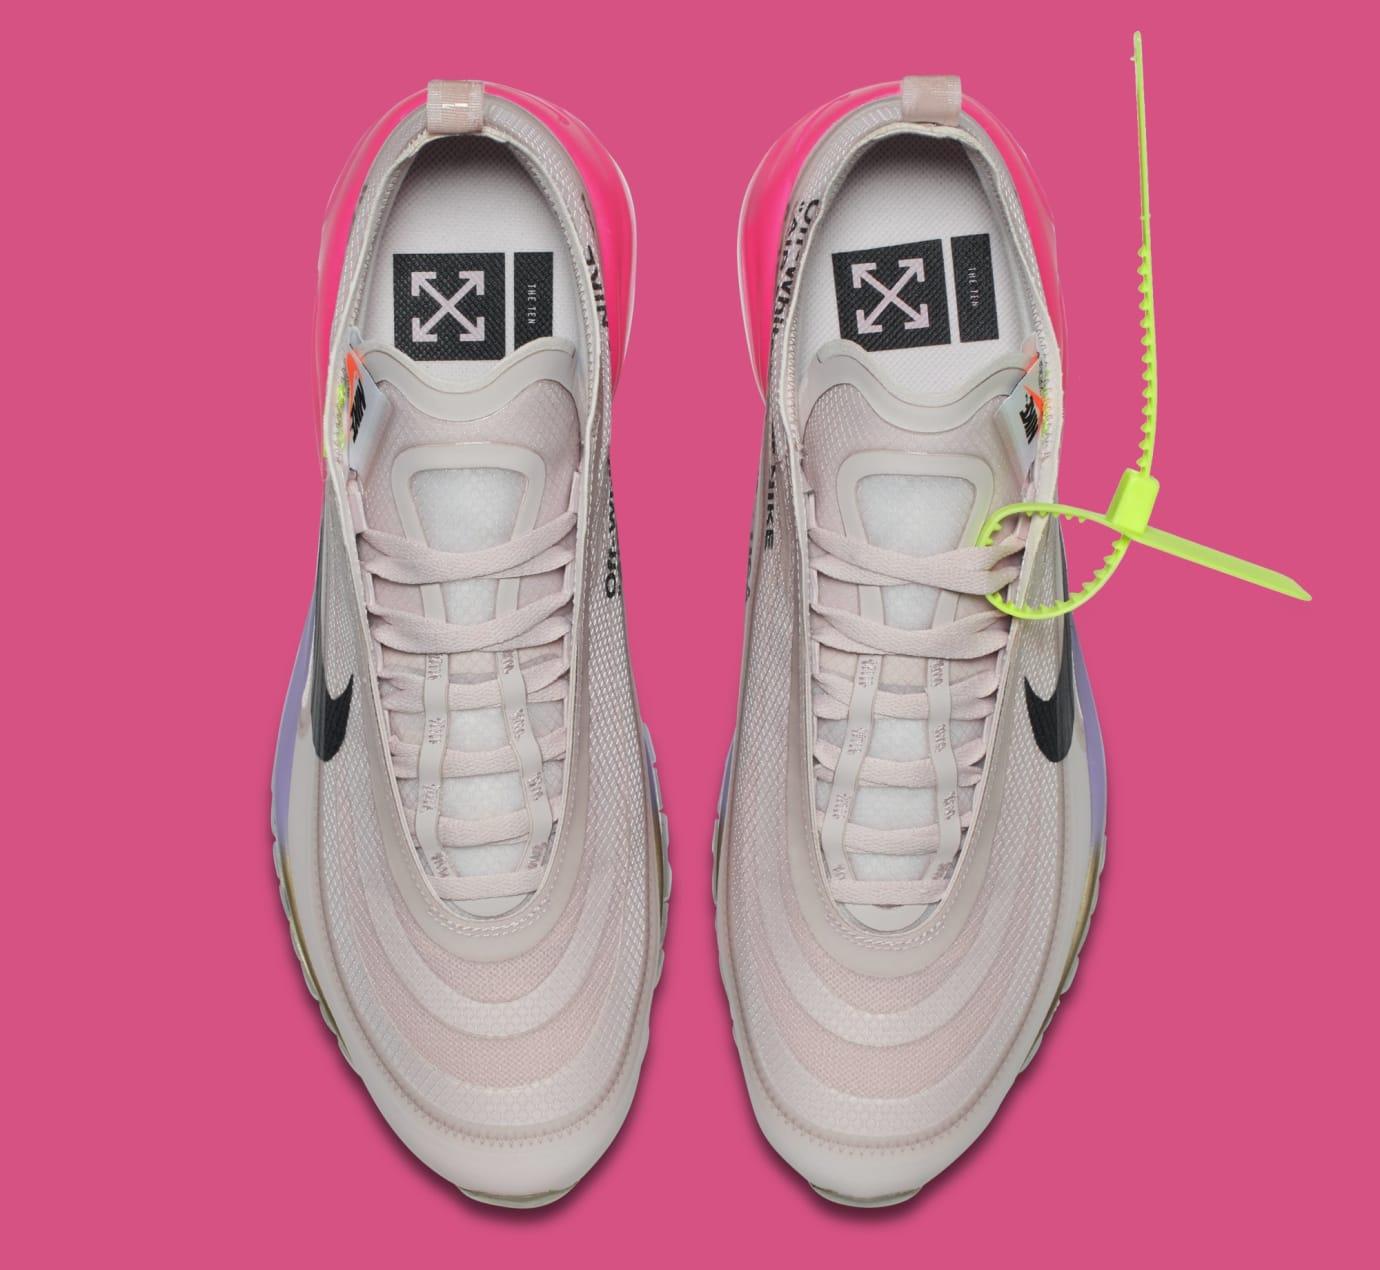 Off-White x Nike Air Max 97 Serena Williams 'Queen' AJ4585-600 (Top)